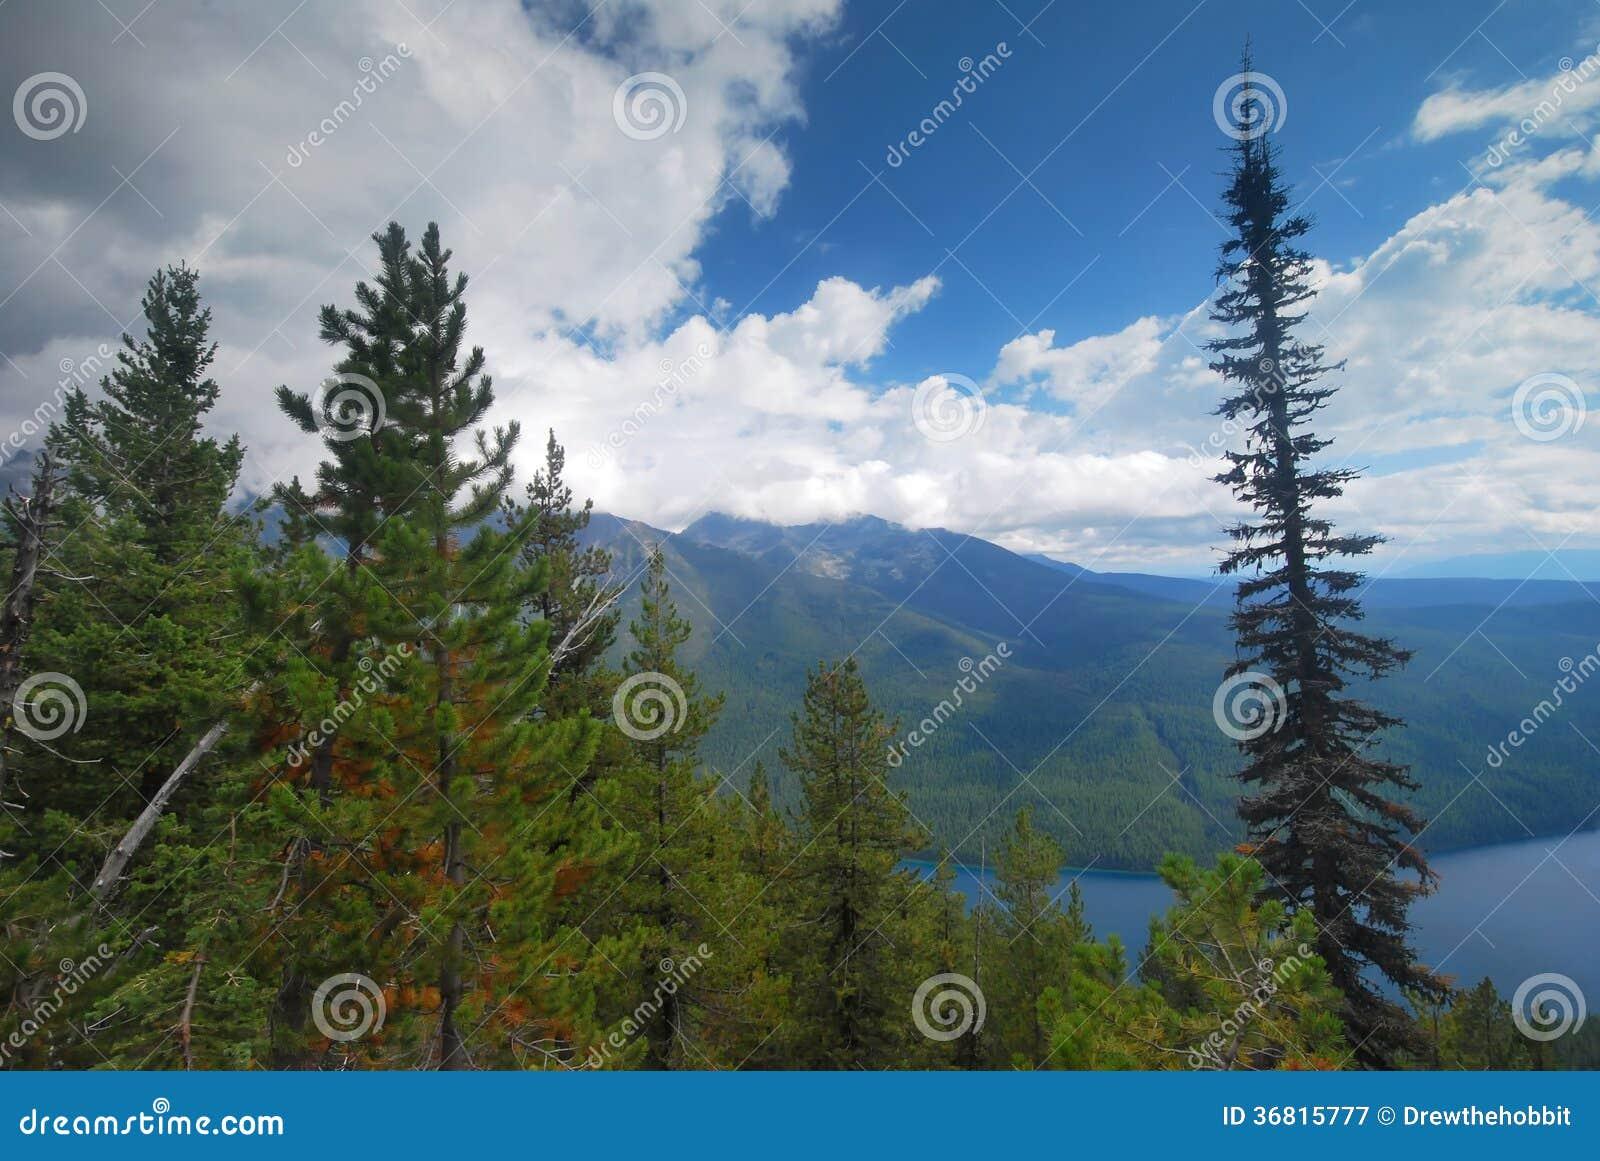 Lodowa park narodowy w Montana